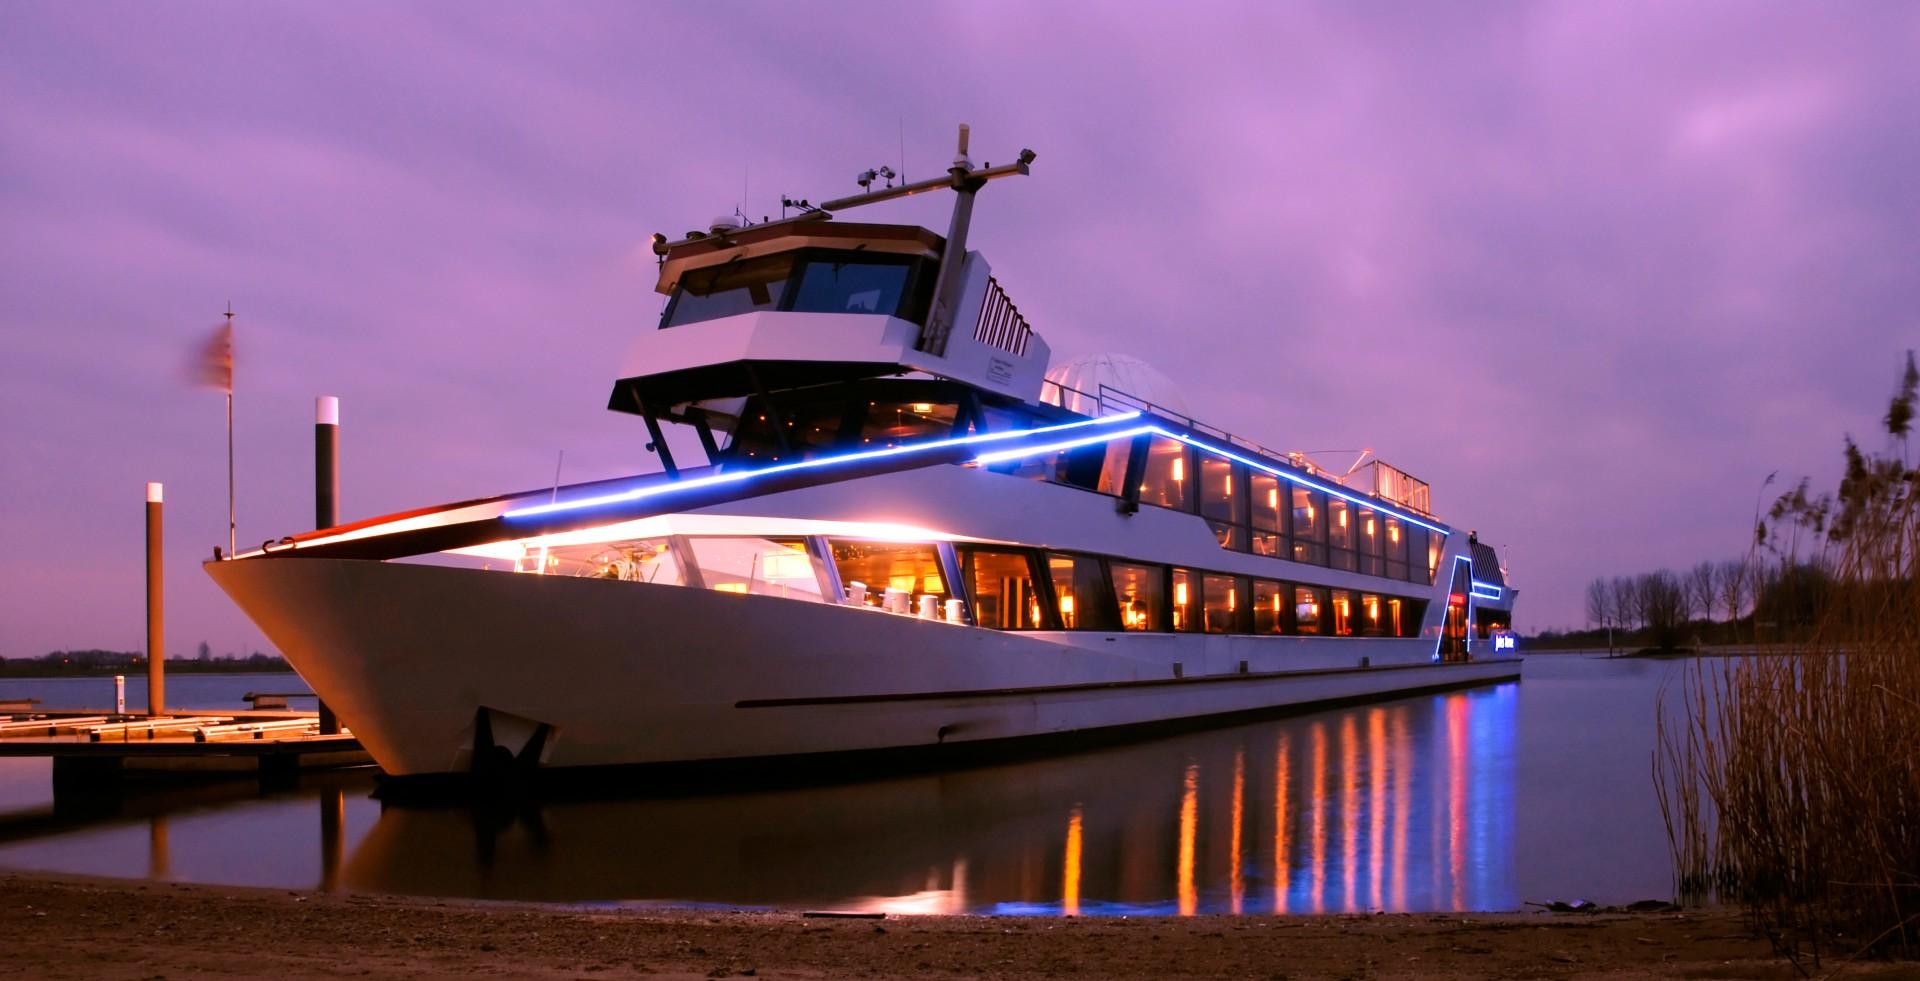 Jule Verne, Schiff, Wasser, Anlegestelle, Hafen, Abend